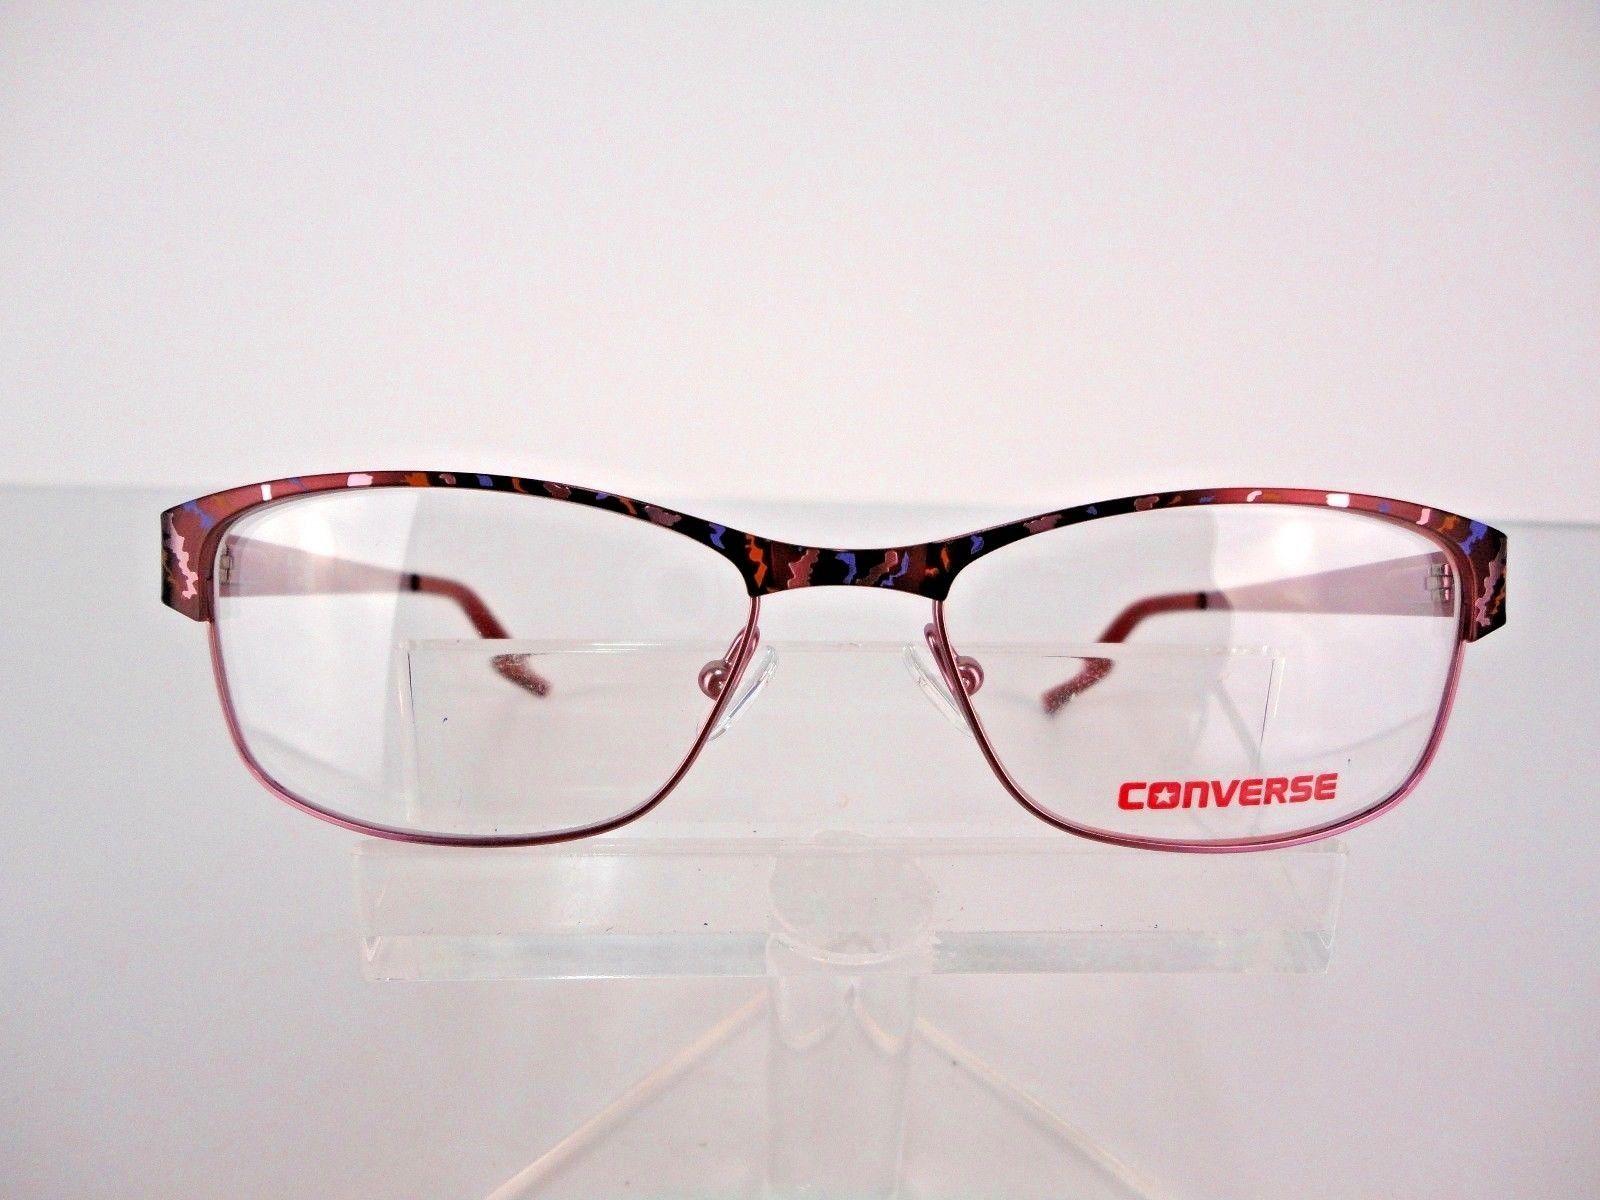 e84874a342e NEW Converse All Star K014 Burgundy 50 x 16 135 mm Kids Eyeglass Frames